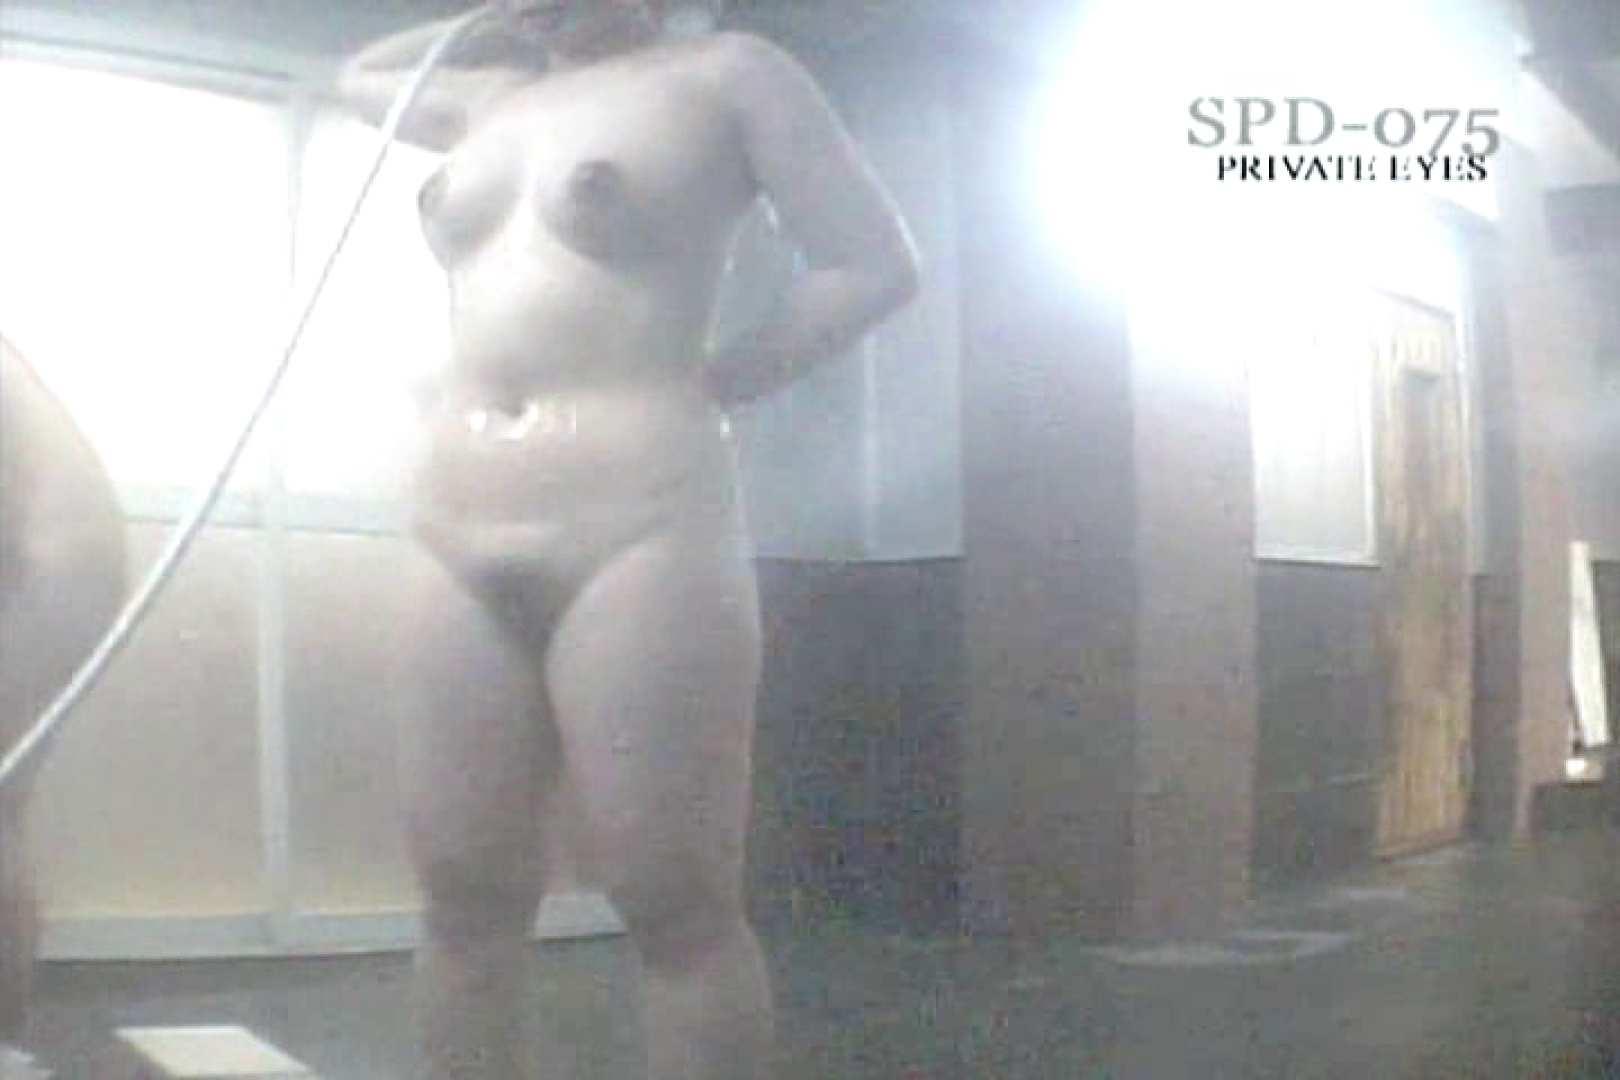 高画質版!SPD-075 脱衣所から洗面所まで 9カメ追跡盗撮 名作 エロ画像 45連発 13